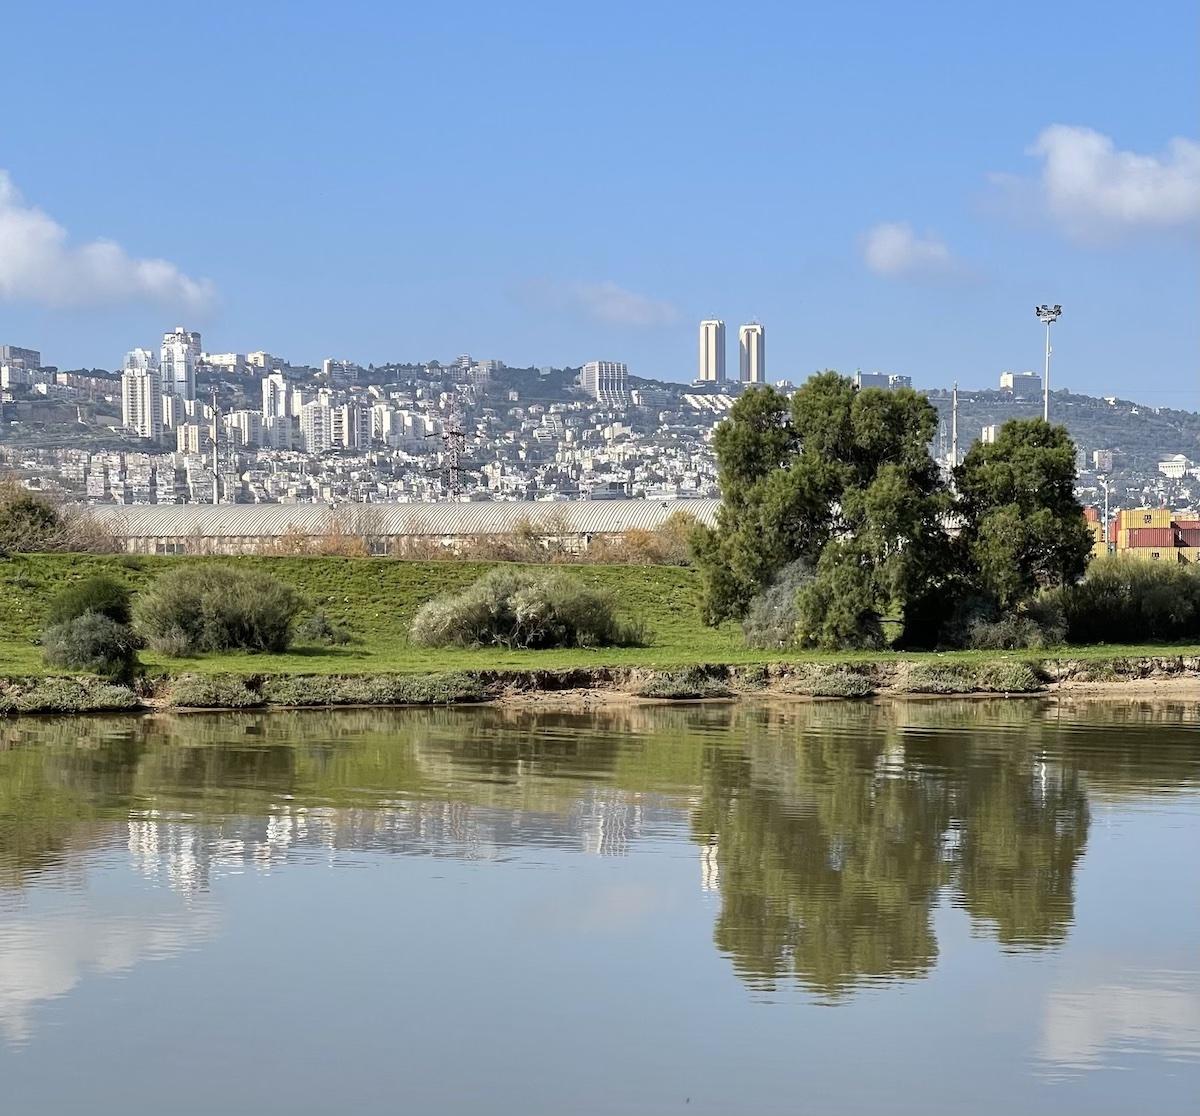 סלסלת פיקניק בראנץ׳ פארק הקישון חיפה שירי ויצנר3